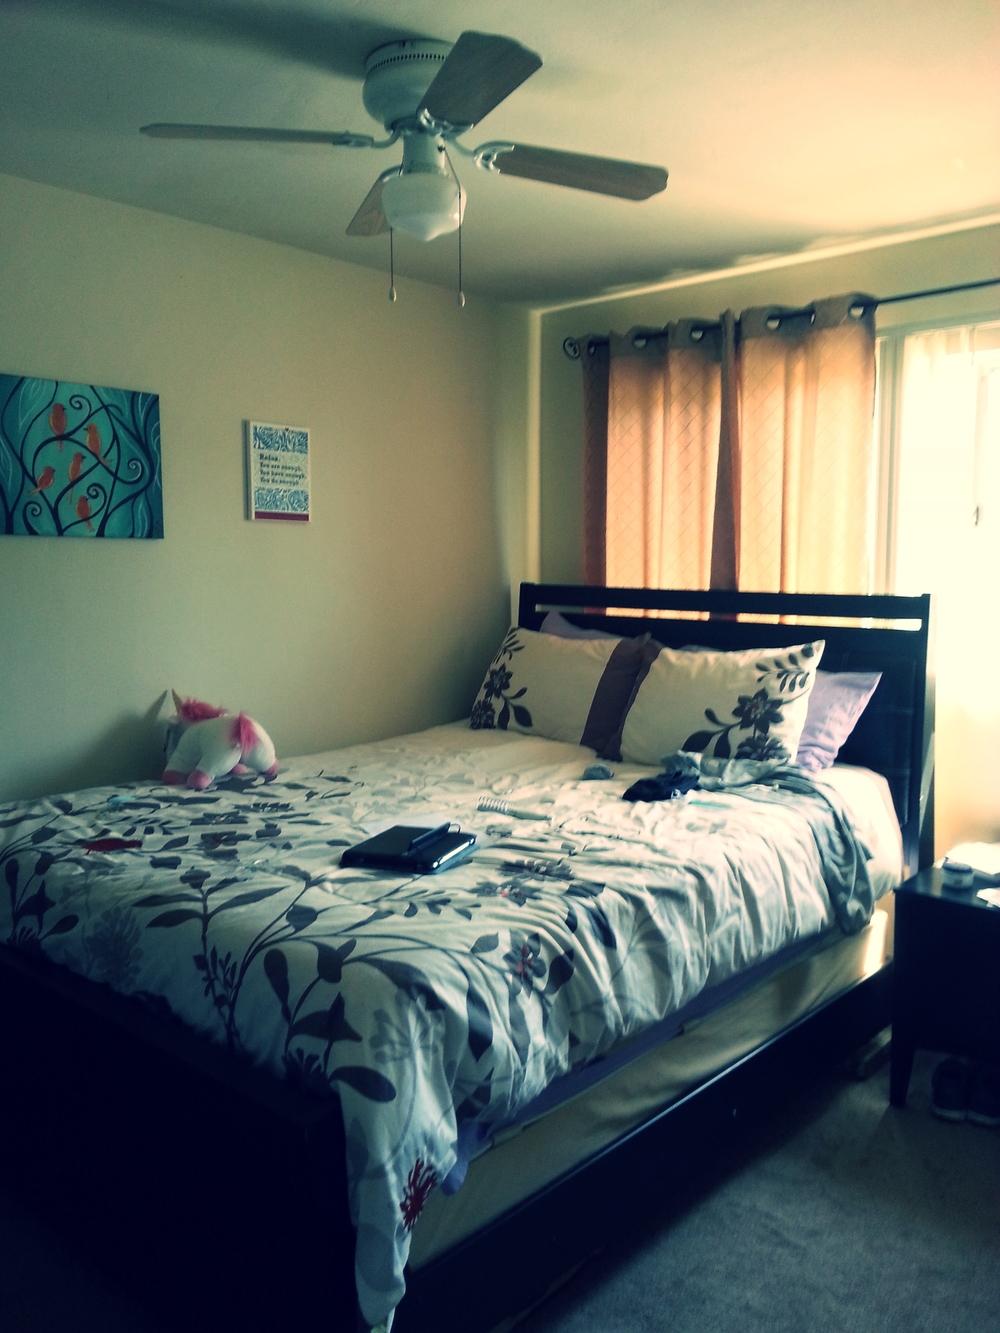 Danielle's Room